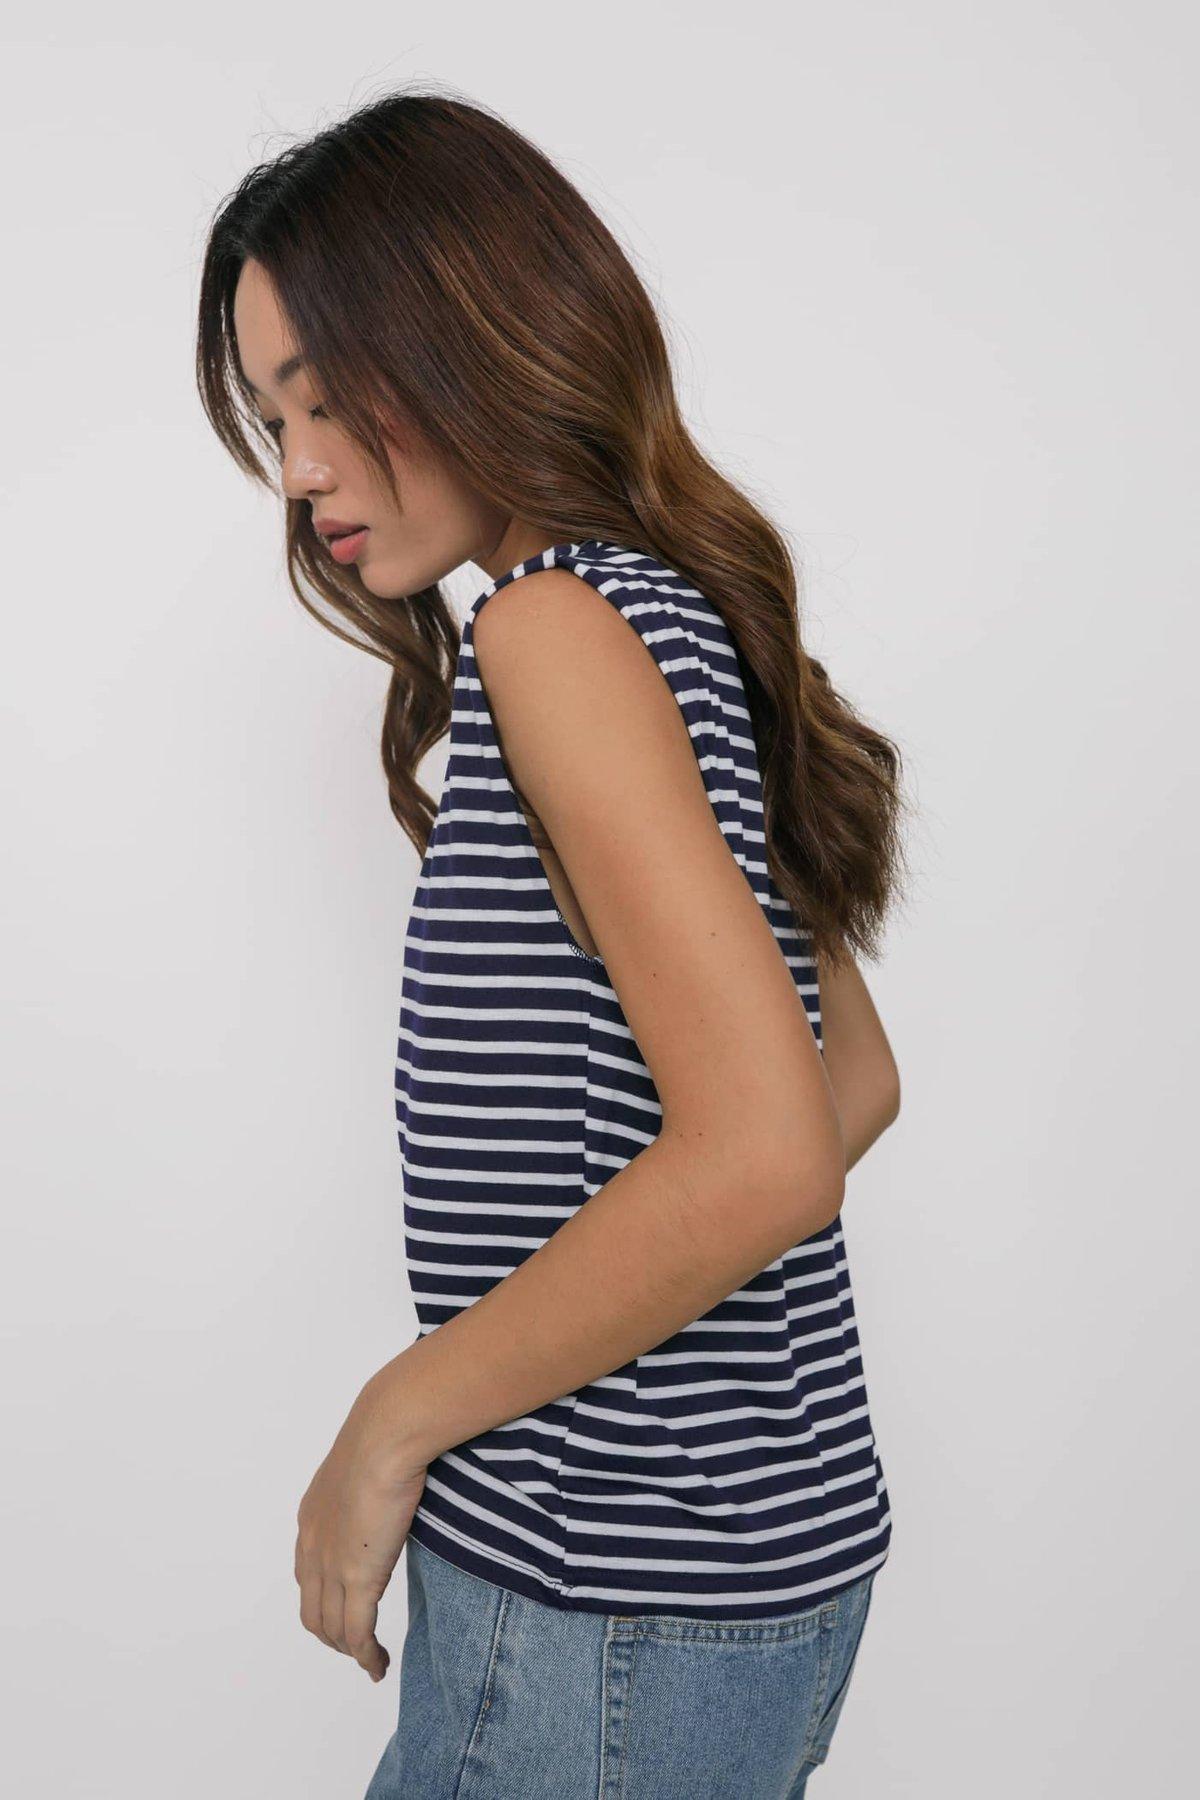 Kyller Muscle Tee (Navy Stripes)